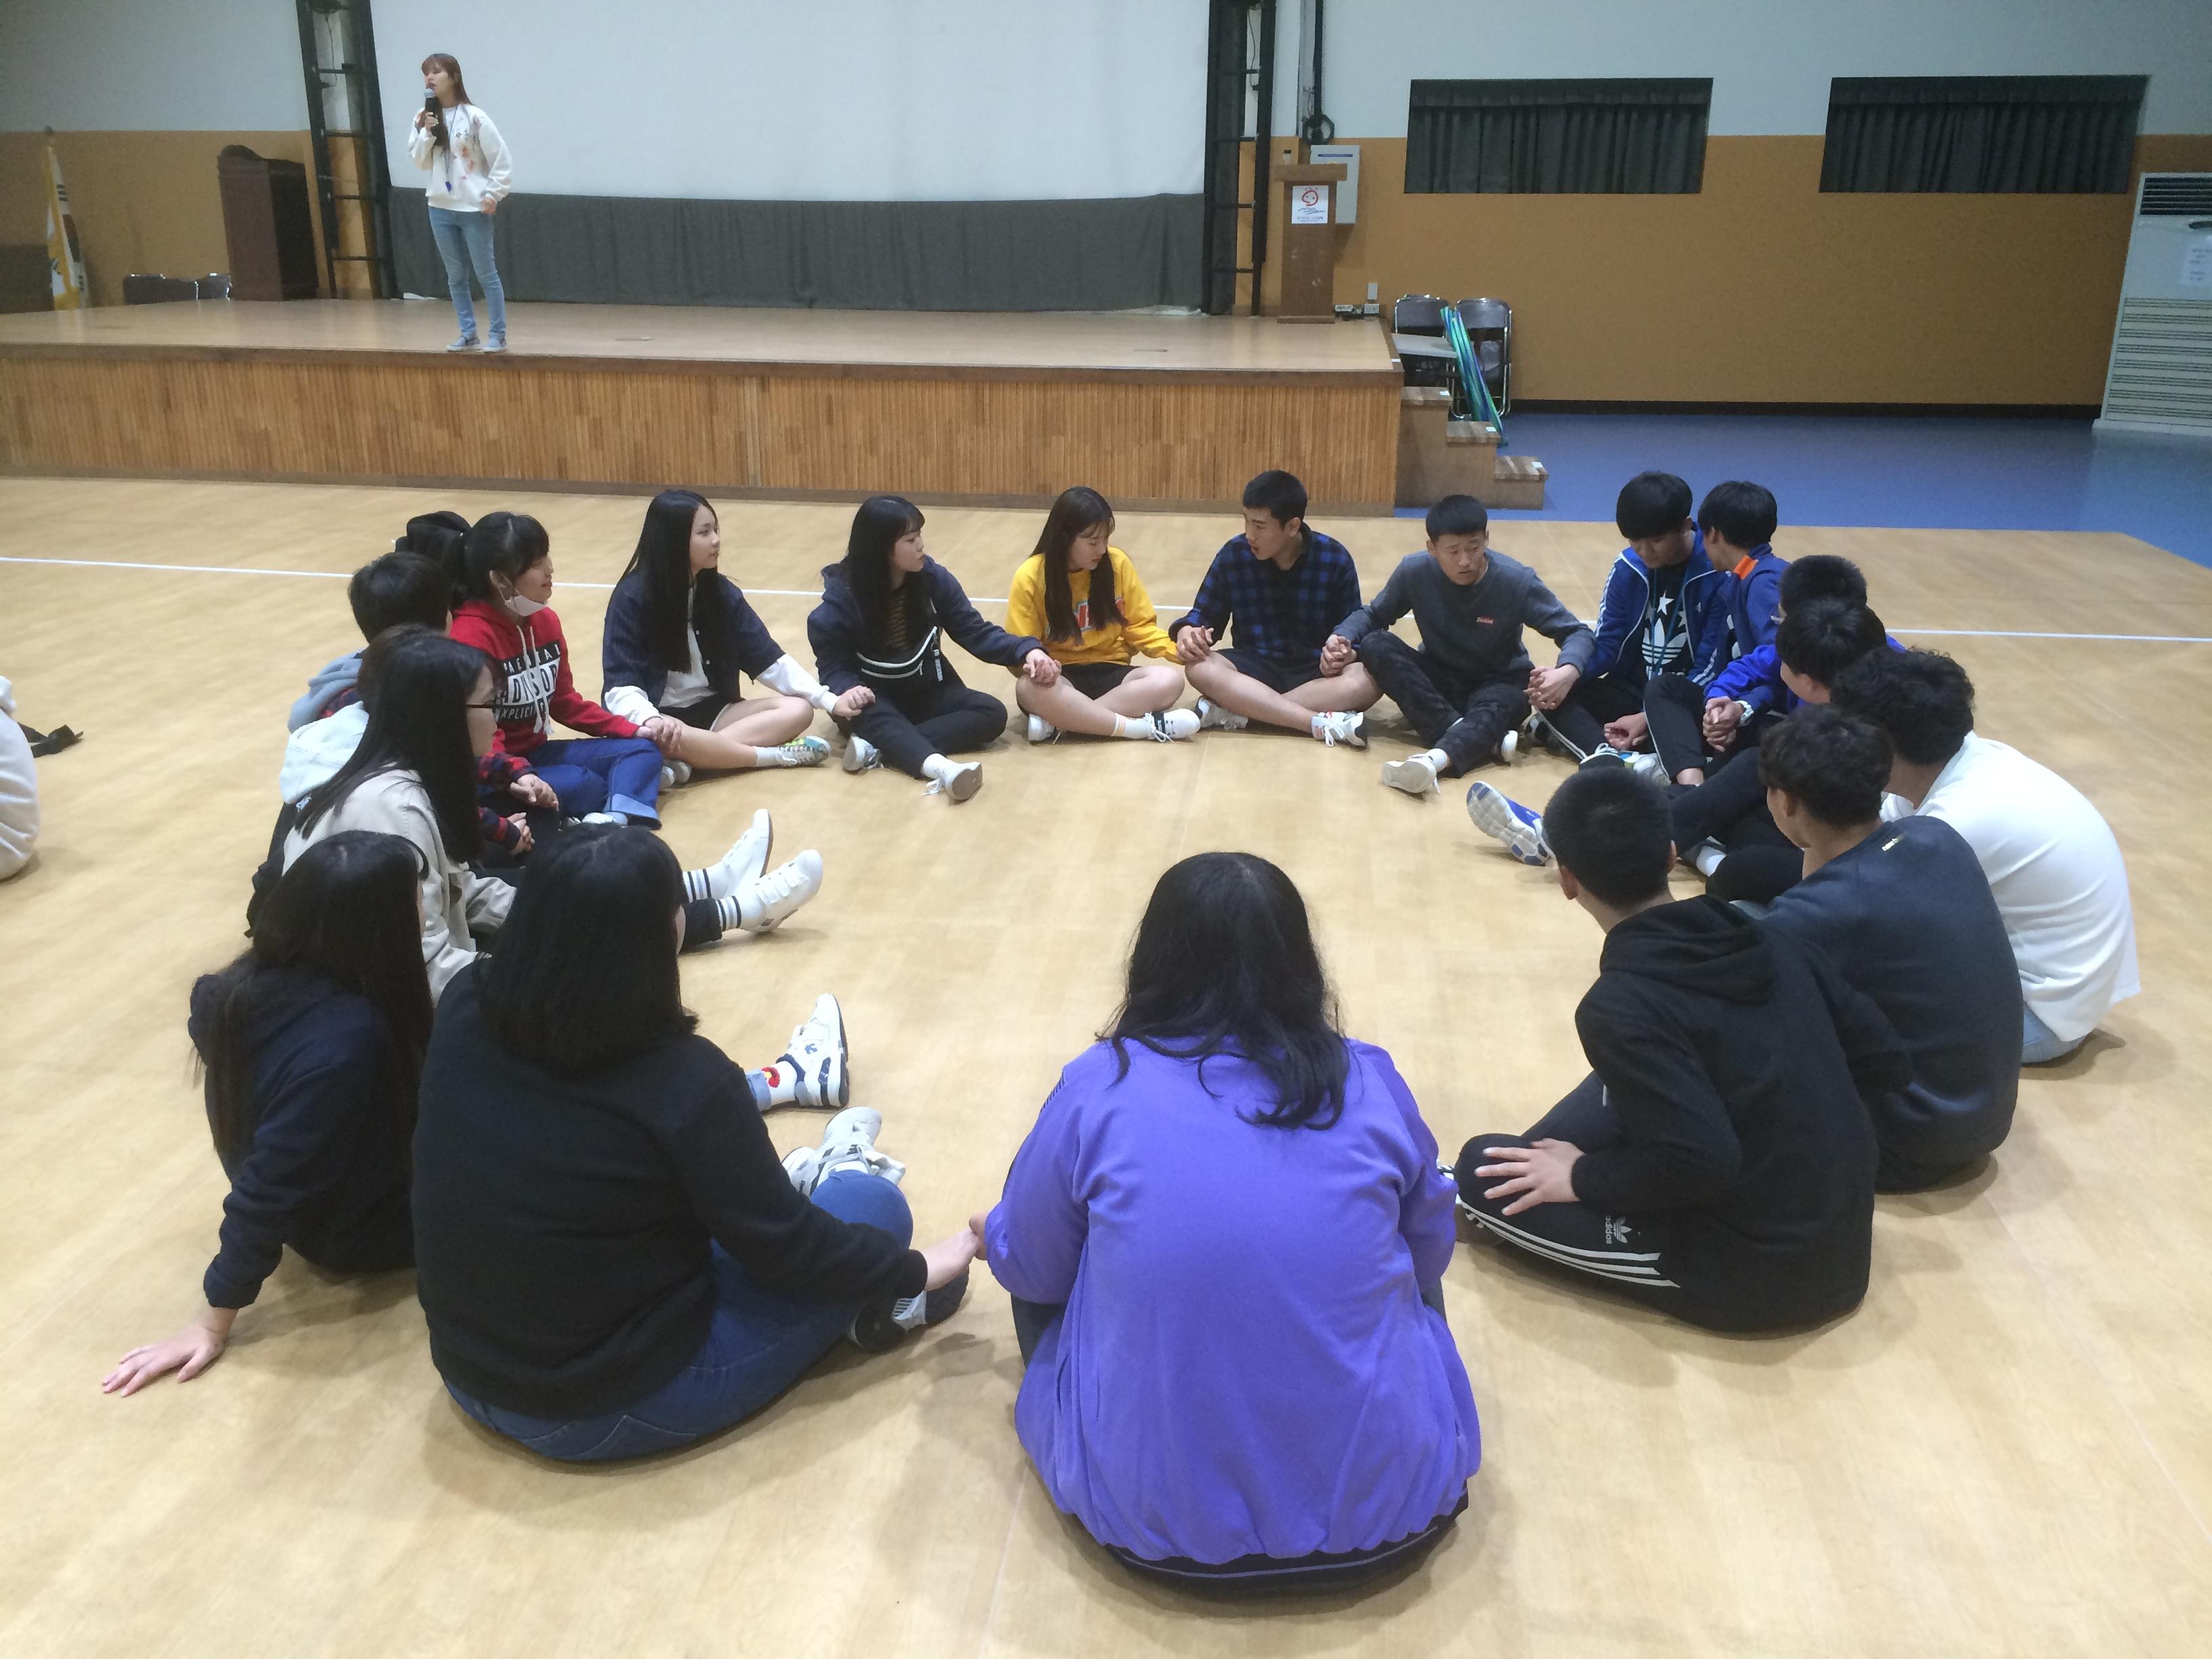 [일반] 1학년 테마형 수련활동(2016.10.17~19)의 첨부이미지 6